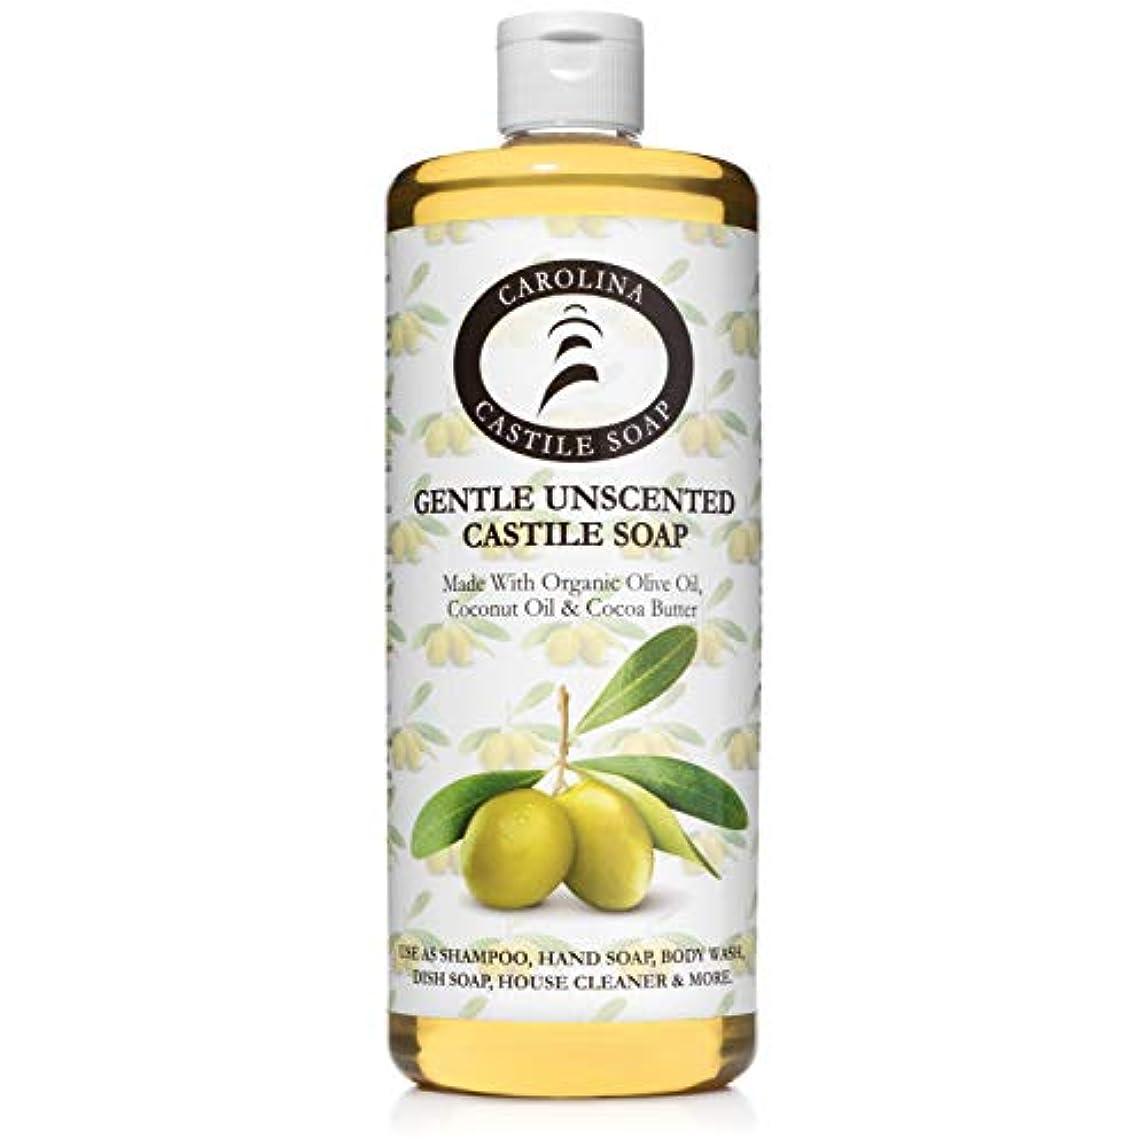 おしゃれなギャラントリー次Carolina Castile Soap ジェントル無香料認定オーガニック 32オズ